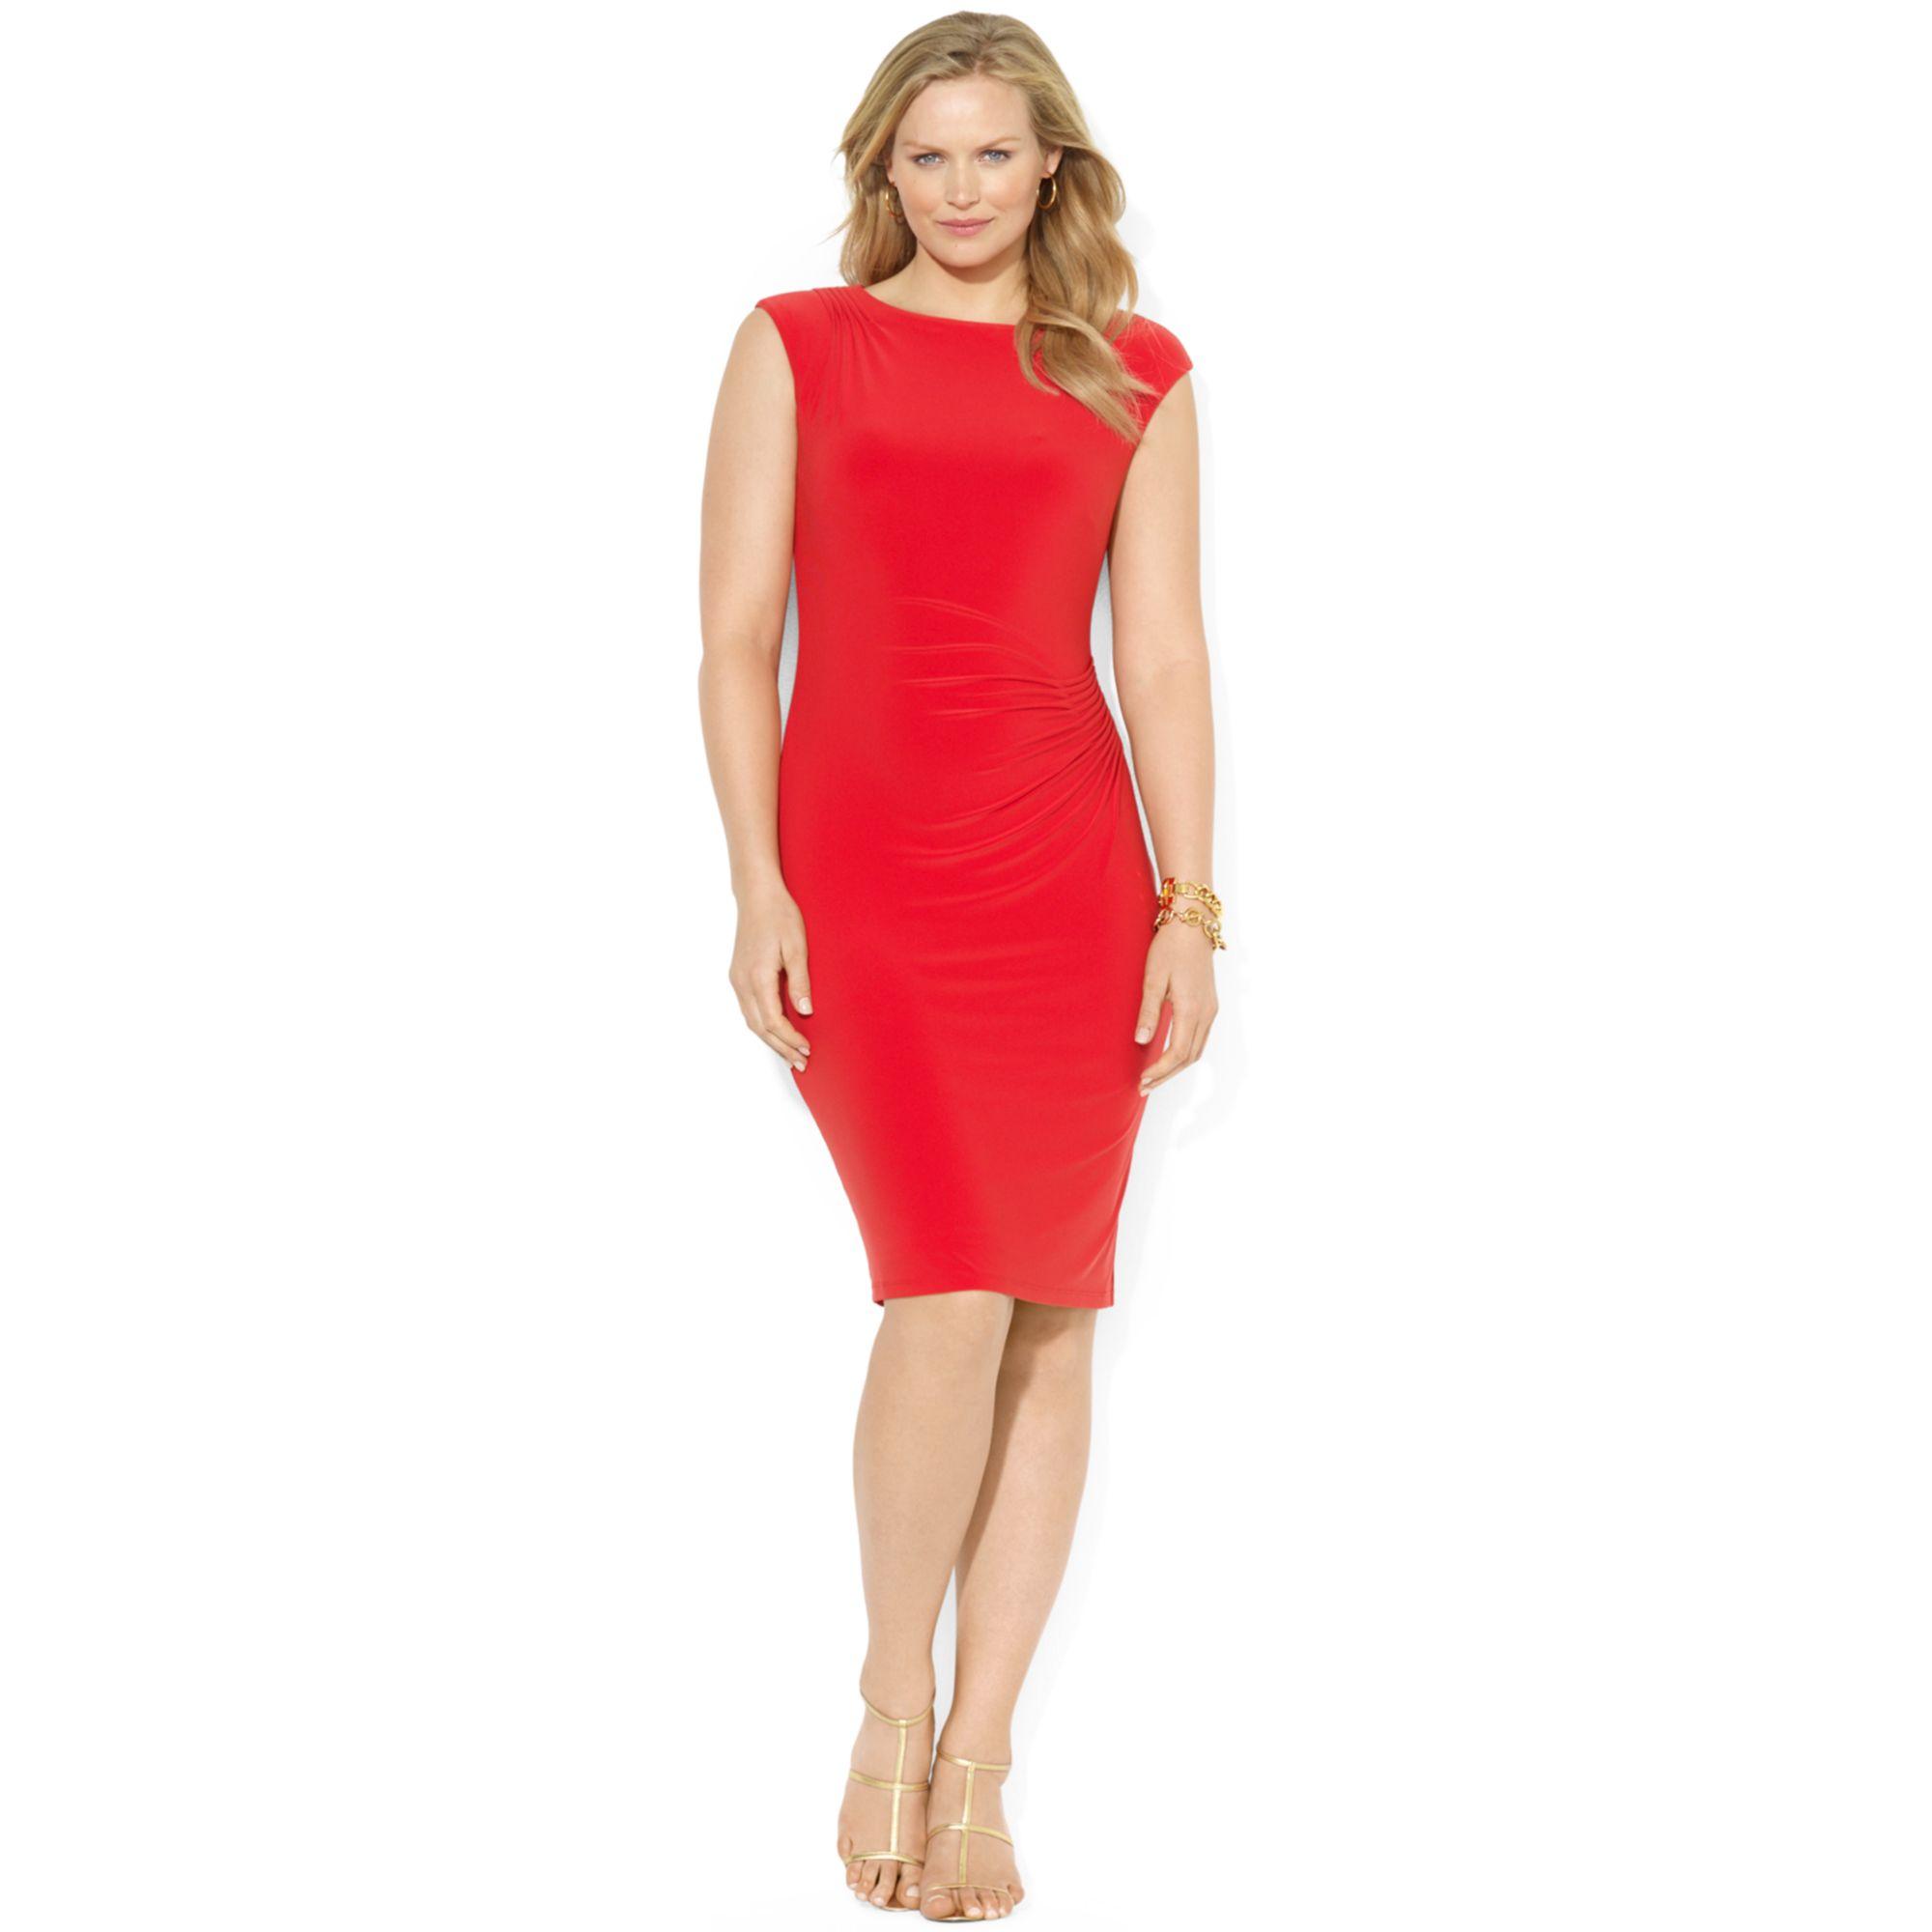 Lyst Lauren By Ralph Lauren Plus Size Capsleeve Boatneck Dress In Red